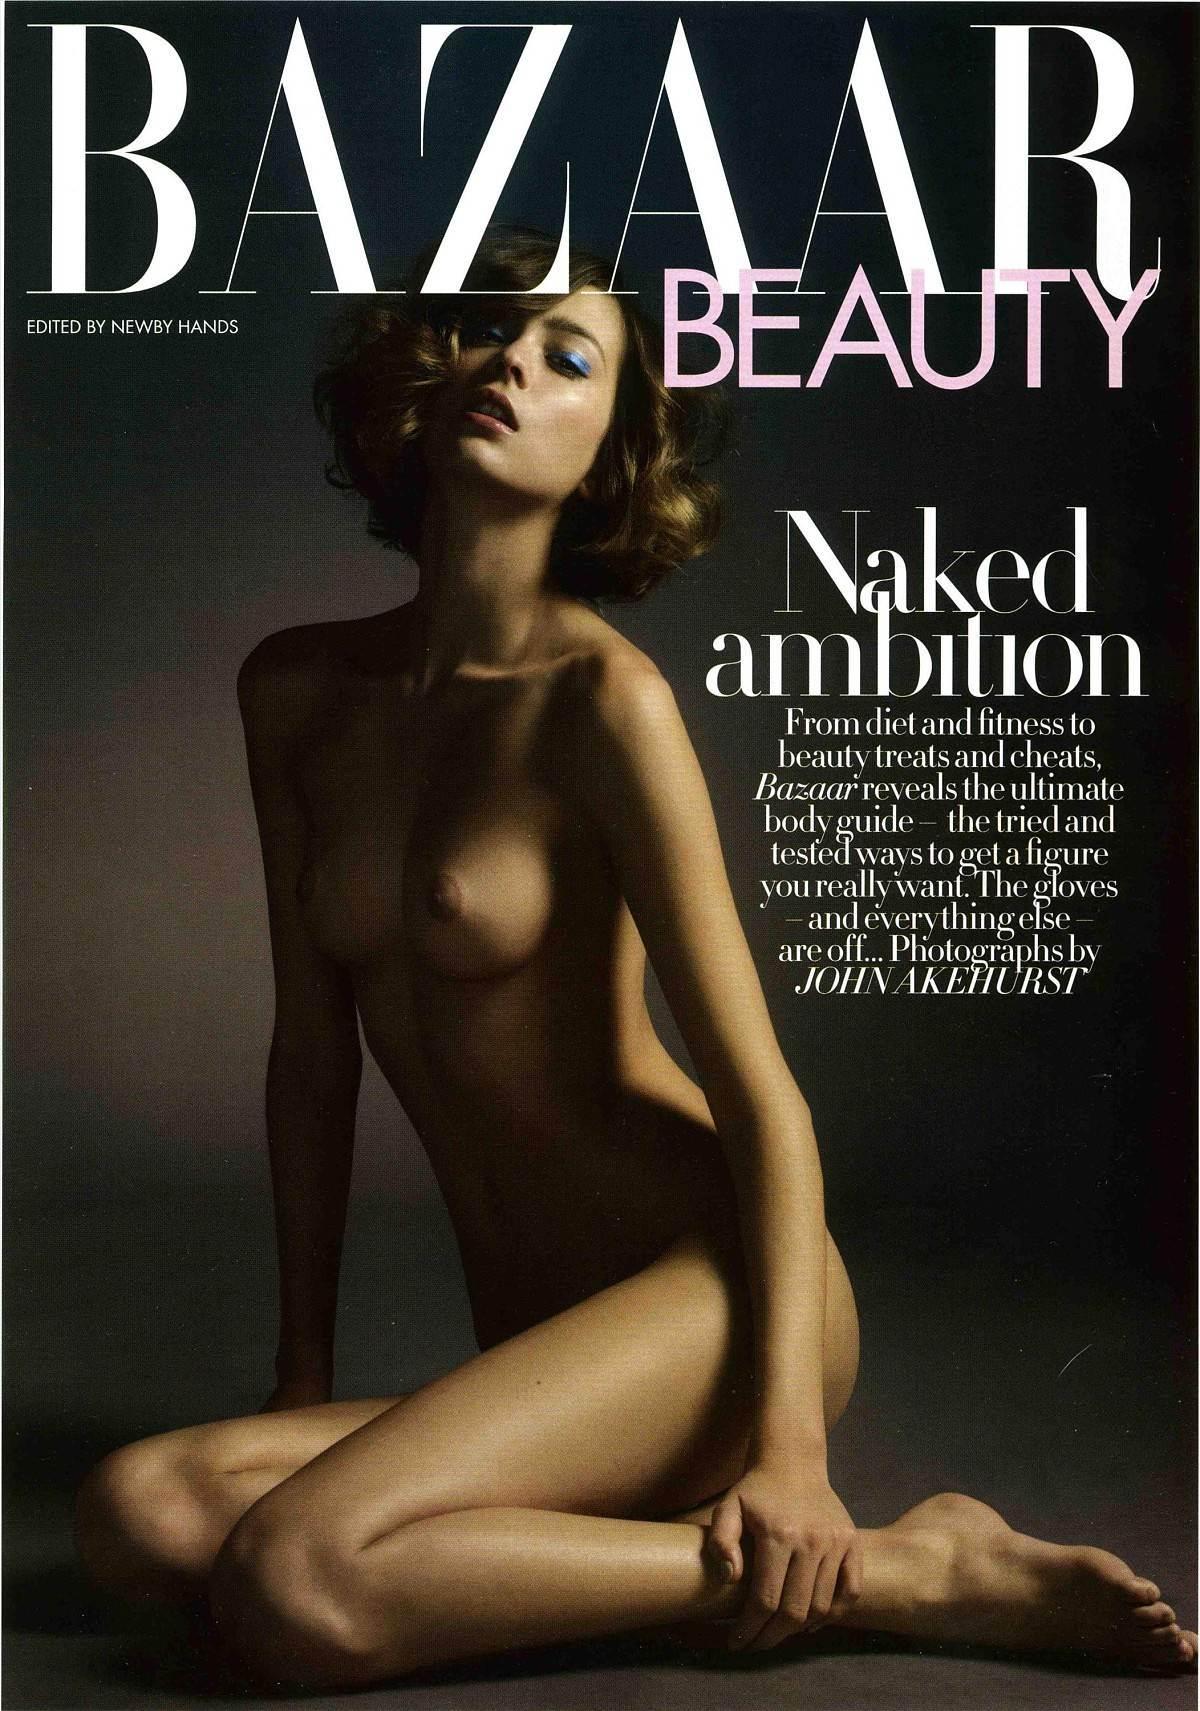 【外人】フランス人スーパーモデルのモルガン・デュブレ(Morgane Dubled)がファッション誌で乳首をさらるおっぱいポルノ画像 4163